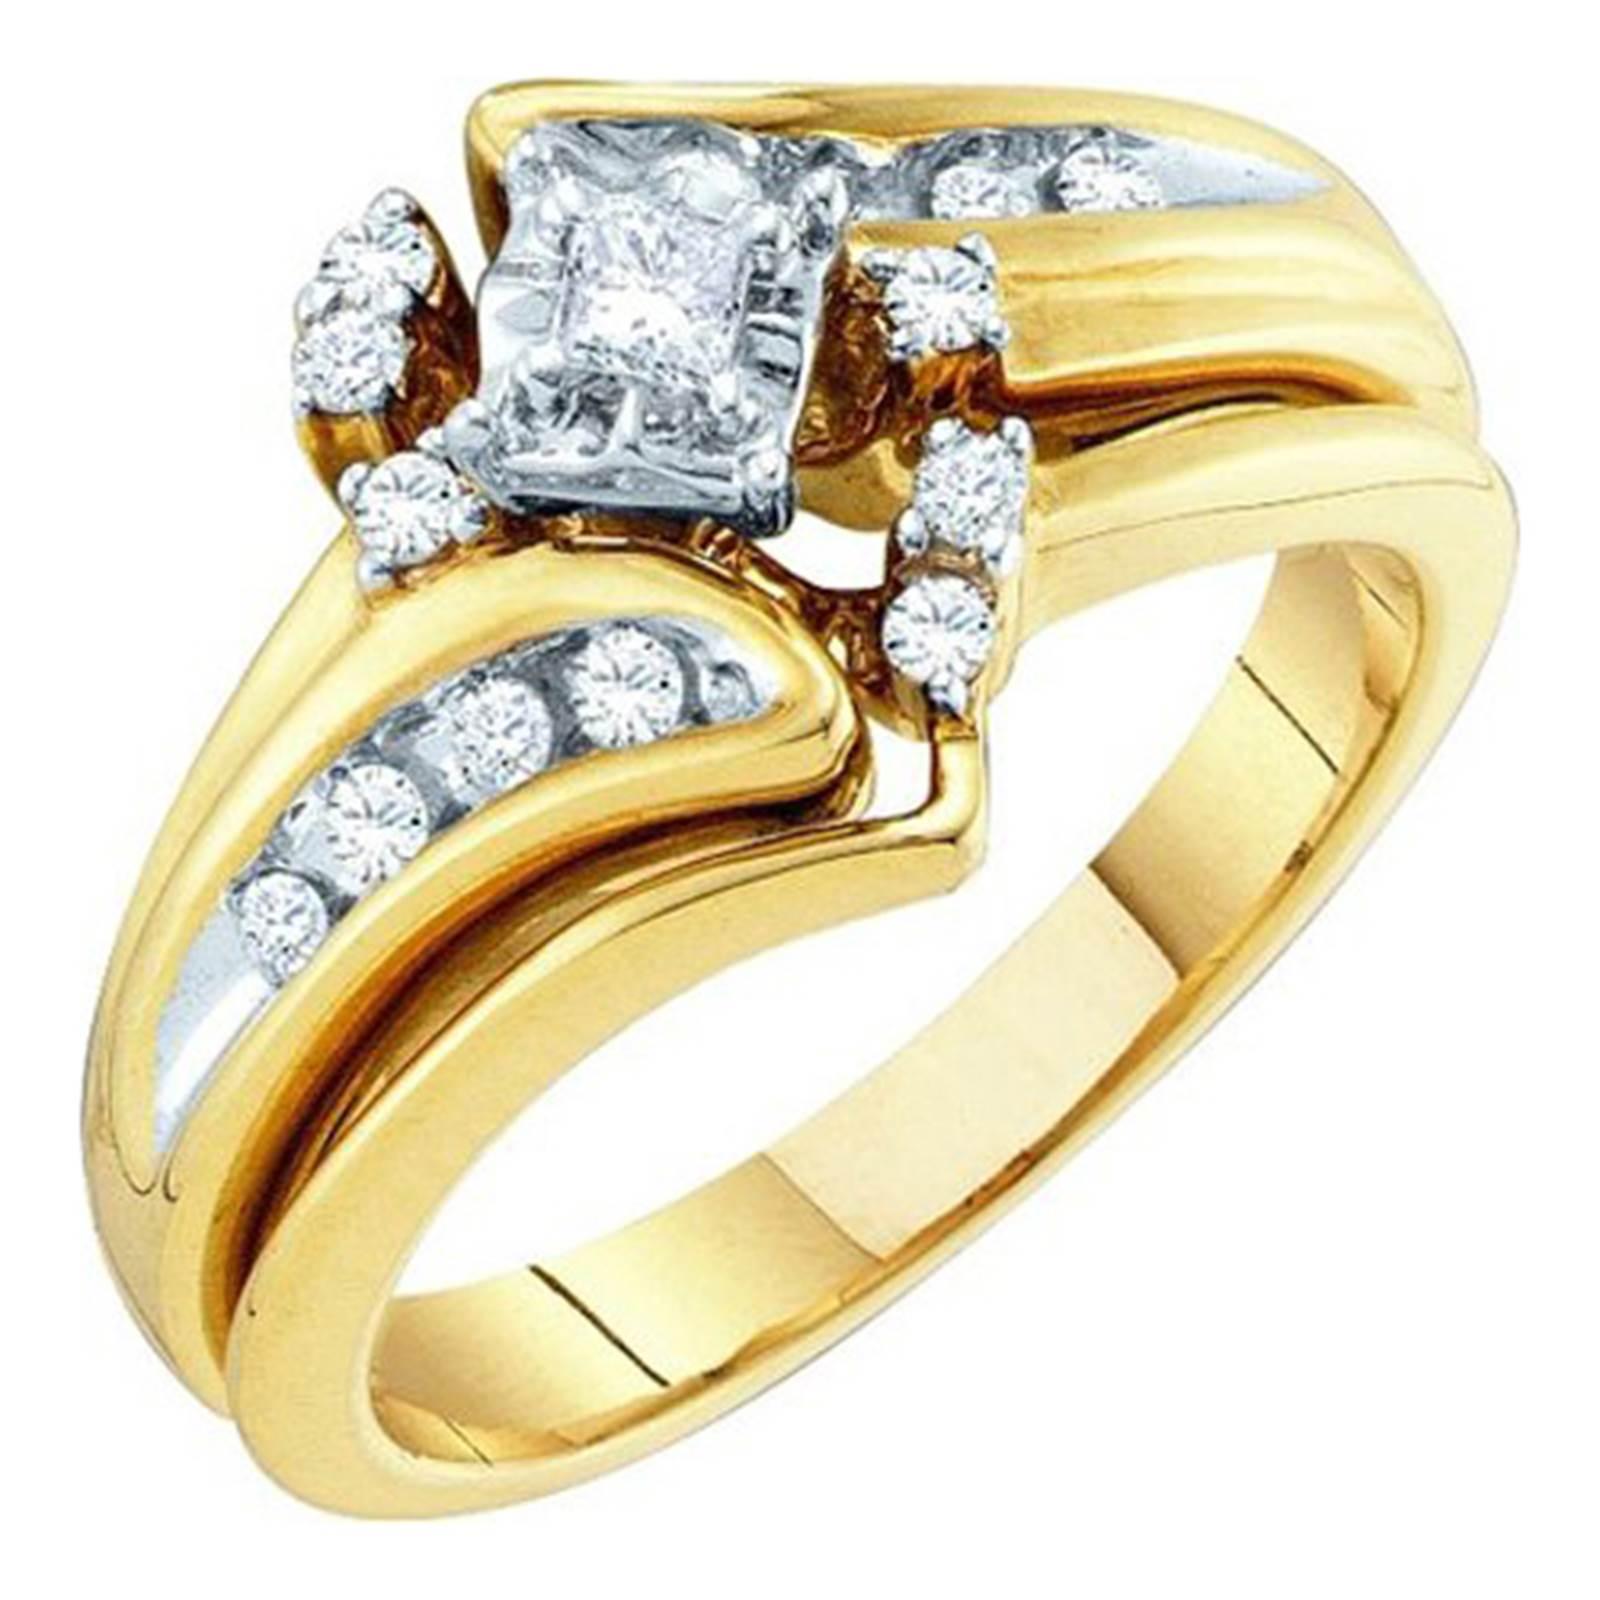 Ladies Yellow Gold 0.27CT Diamond Bridal Ring Set